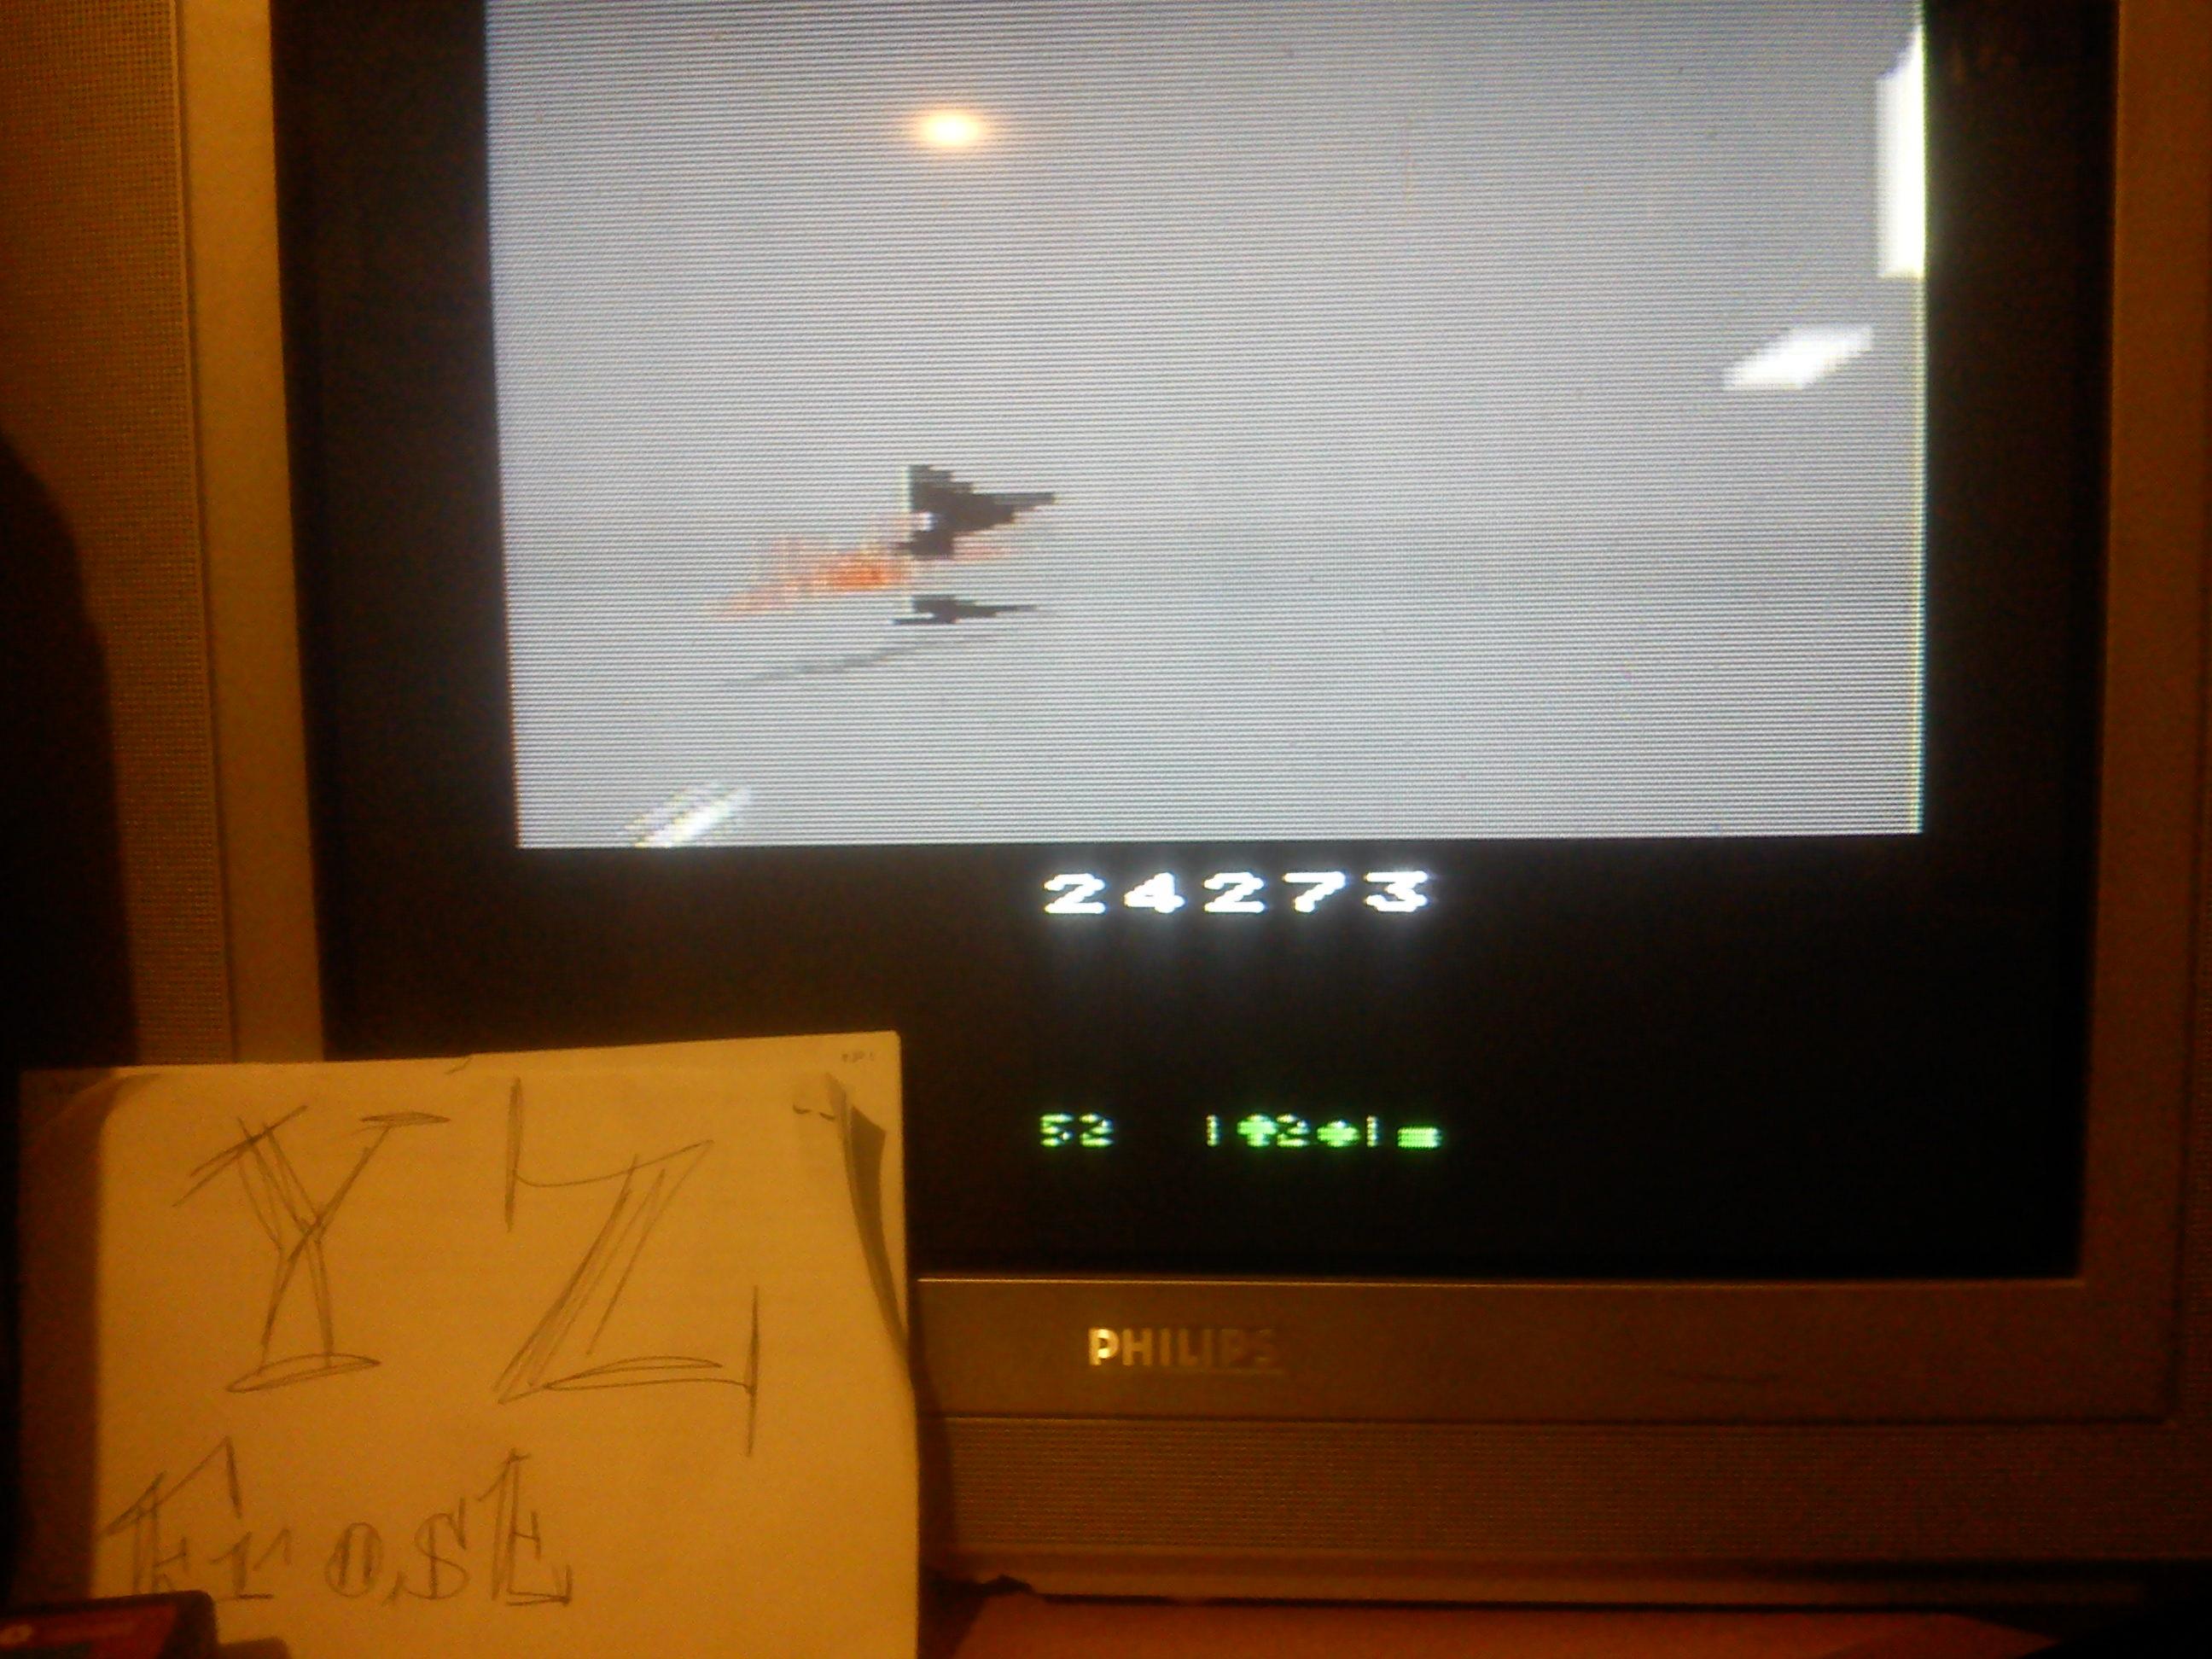 Fr0st: Desert Falcon: Standard (Atari 2600) 24,273 points on 2014-11-11 15:37:32